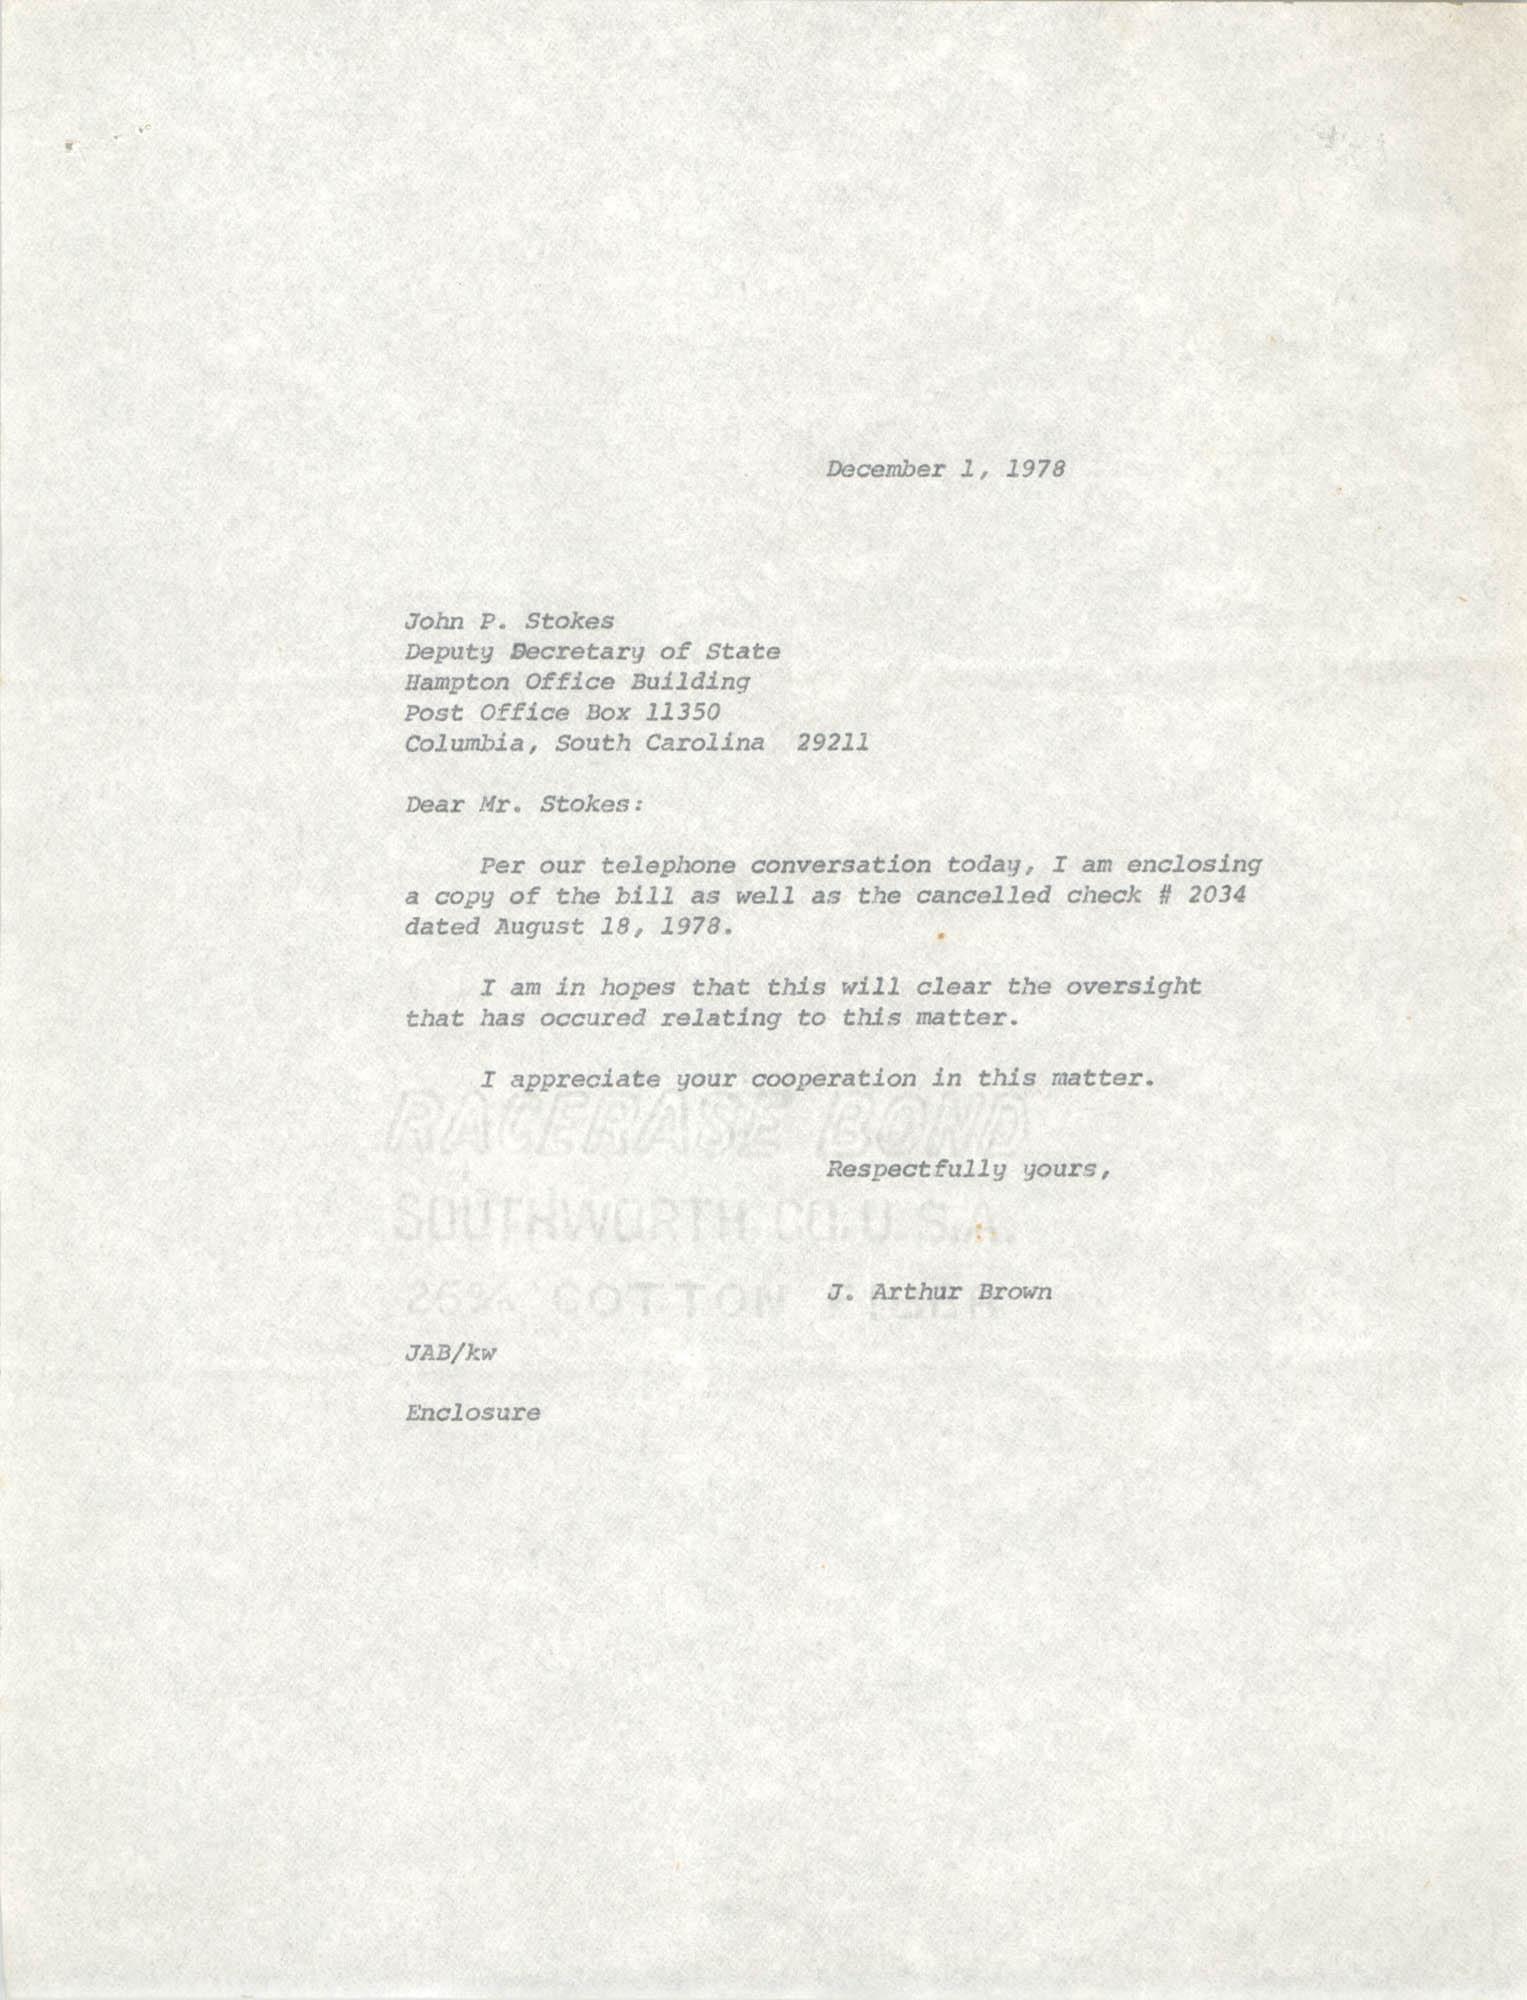 Letter from J. Arthur Brown to John P. Stokes, December 1, 1978